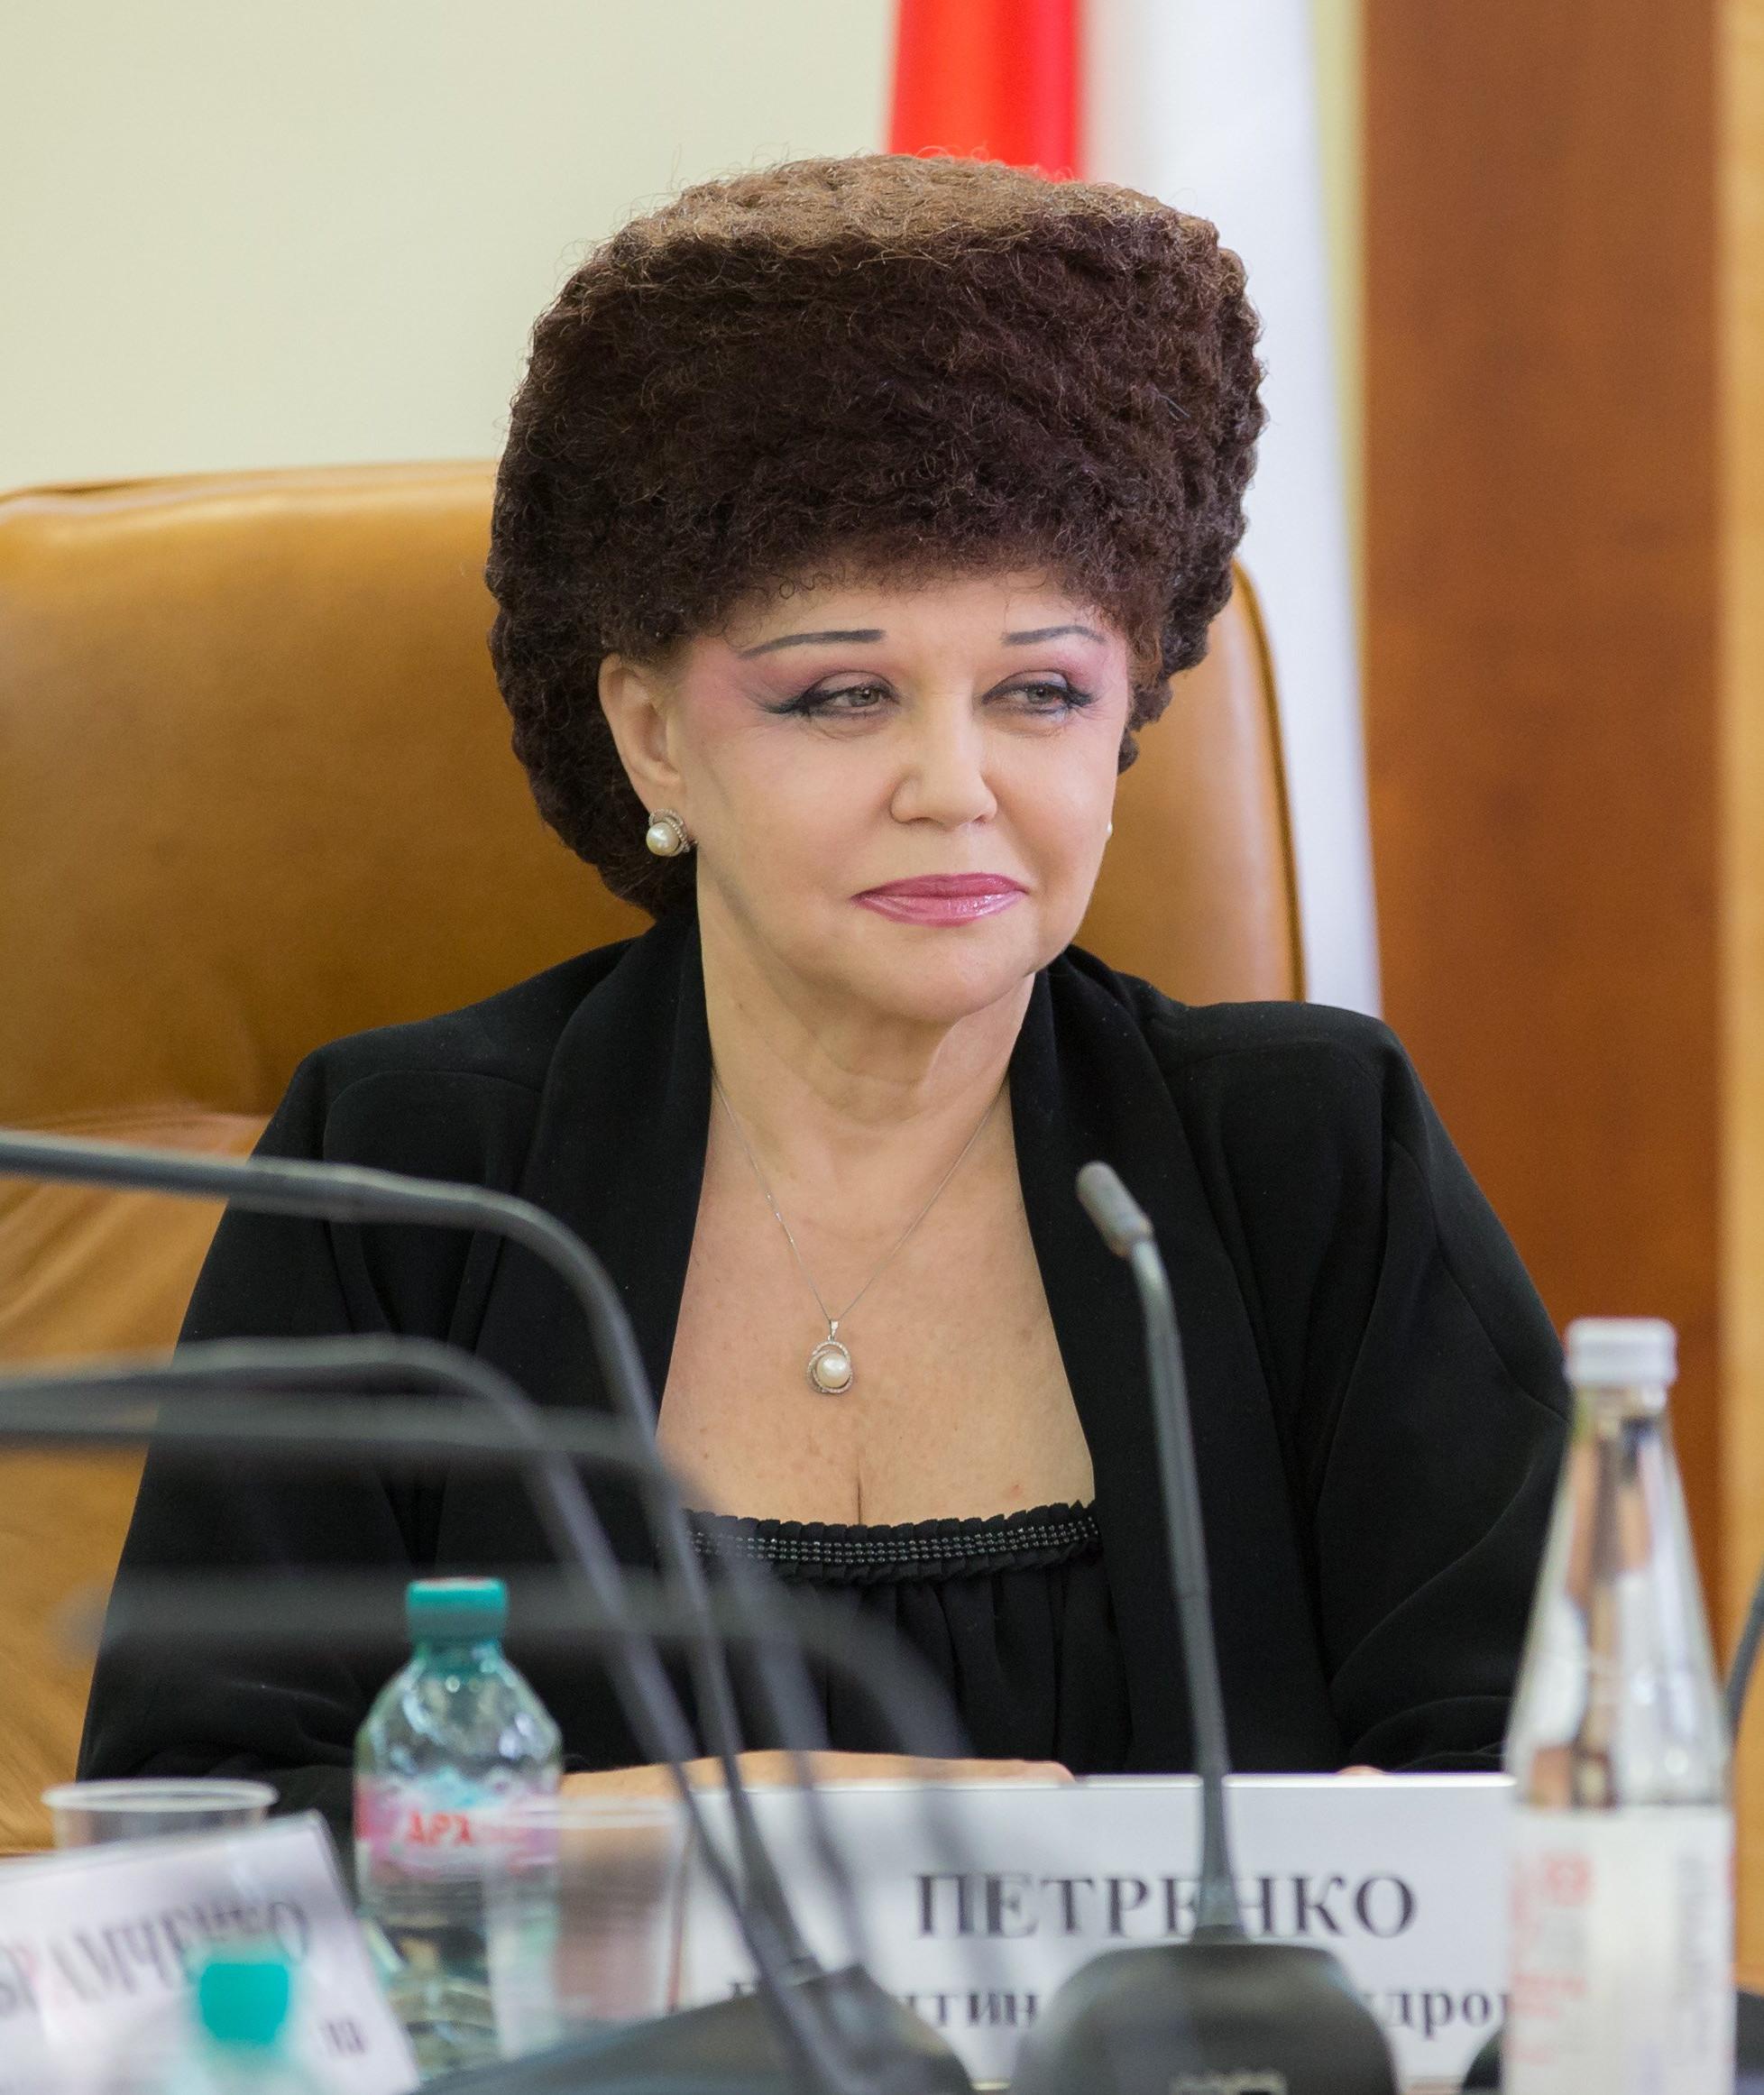 Прически женщин депутатов госдумы